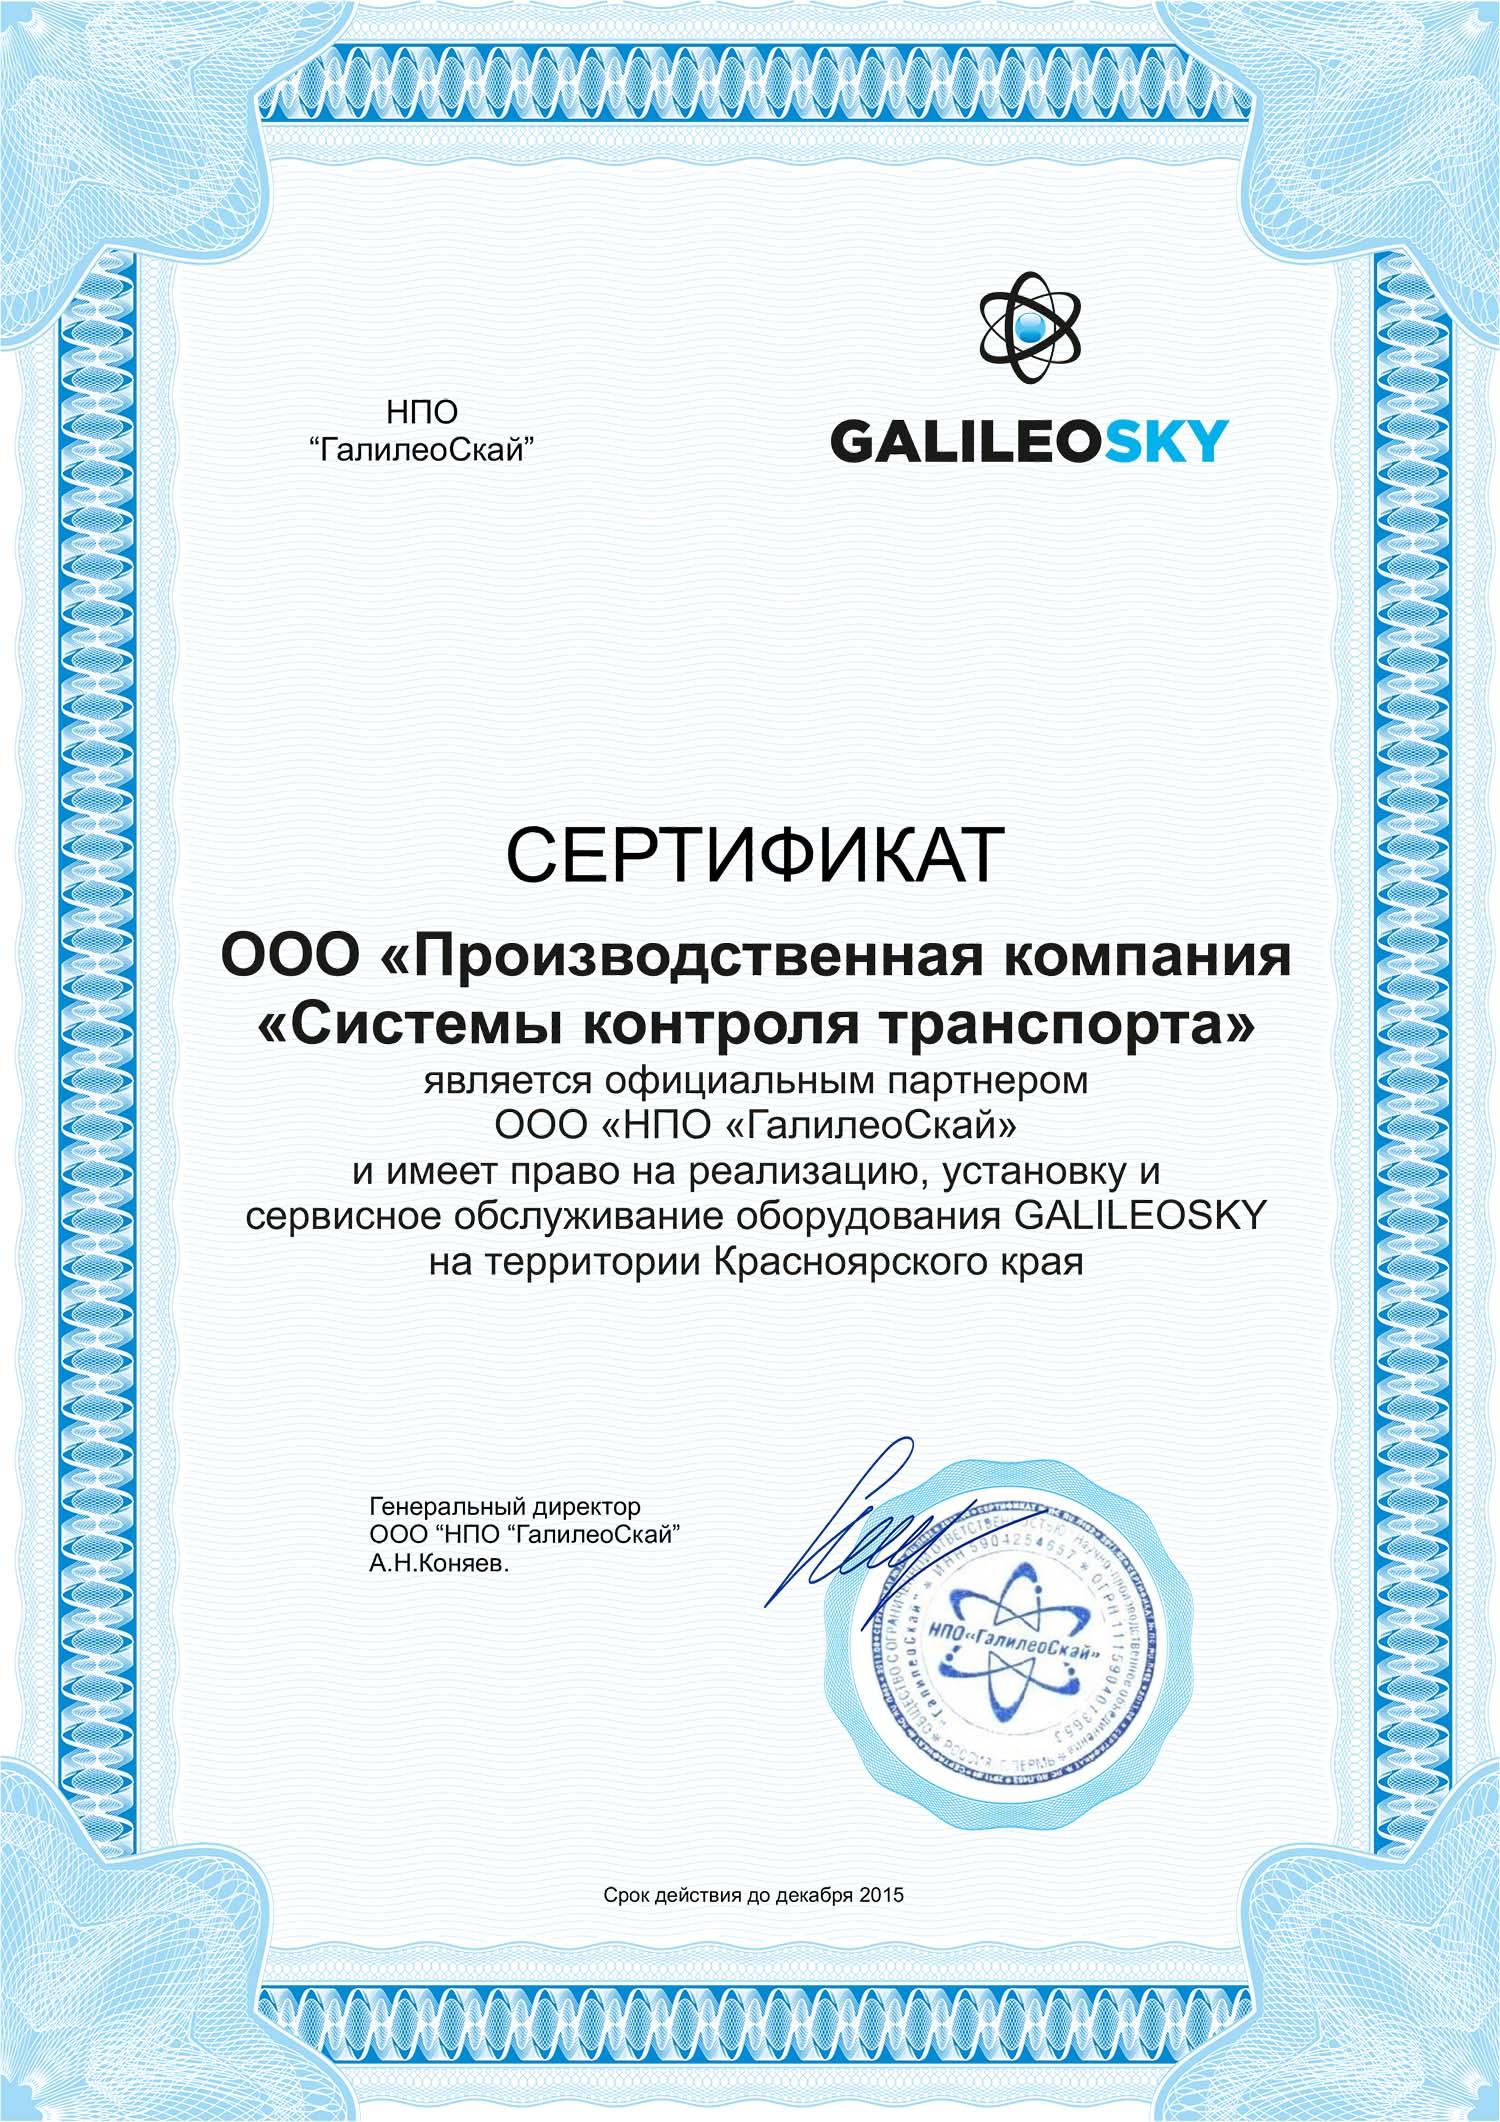 Сертификат Galileosky